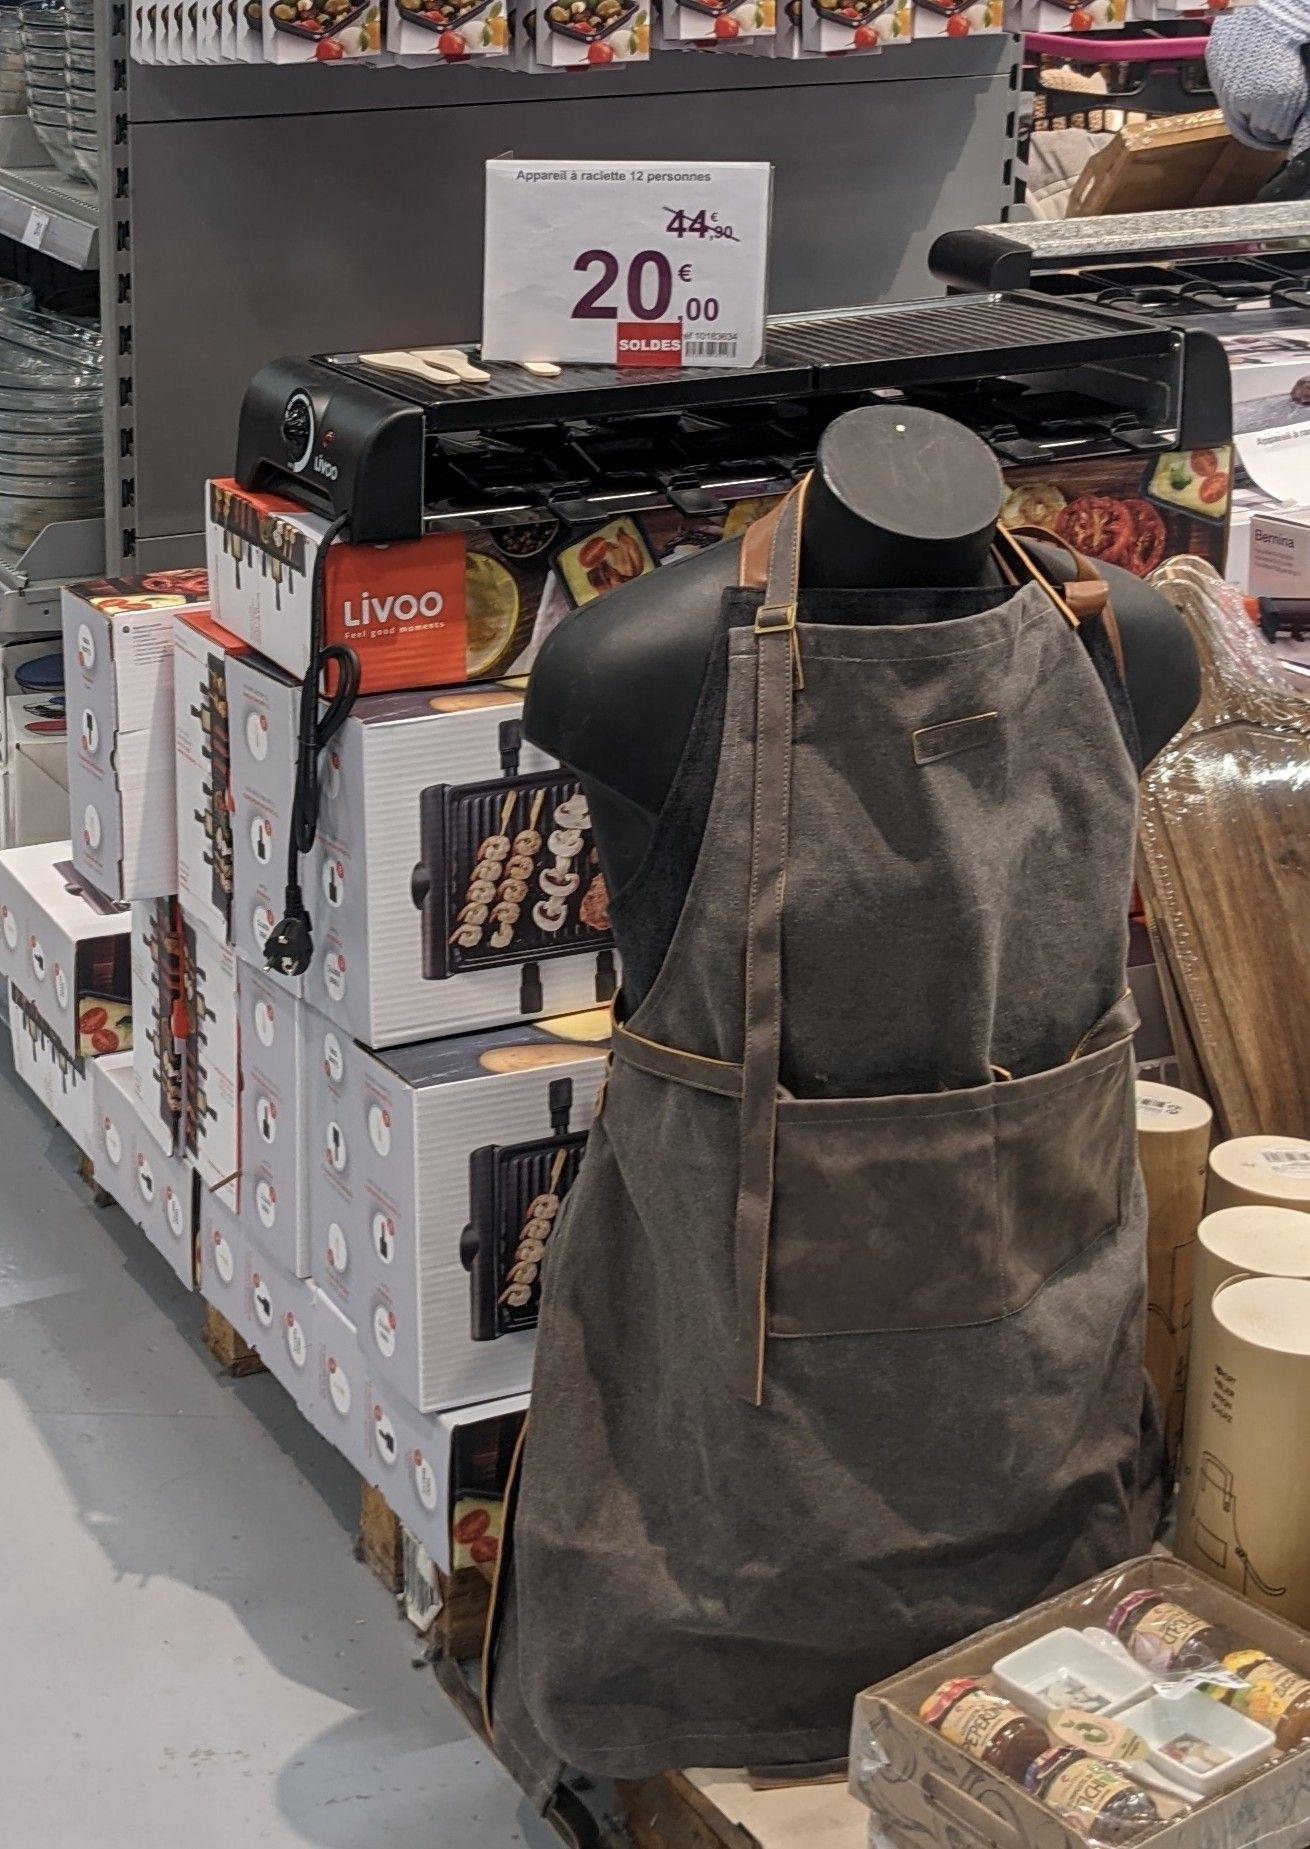 Appareil à raclette Livoo - 12 personnes (Massy 91)